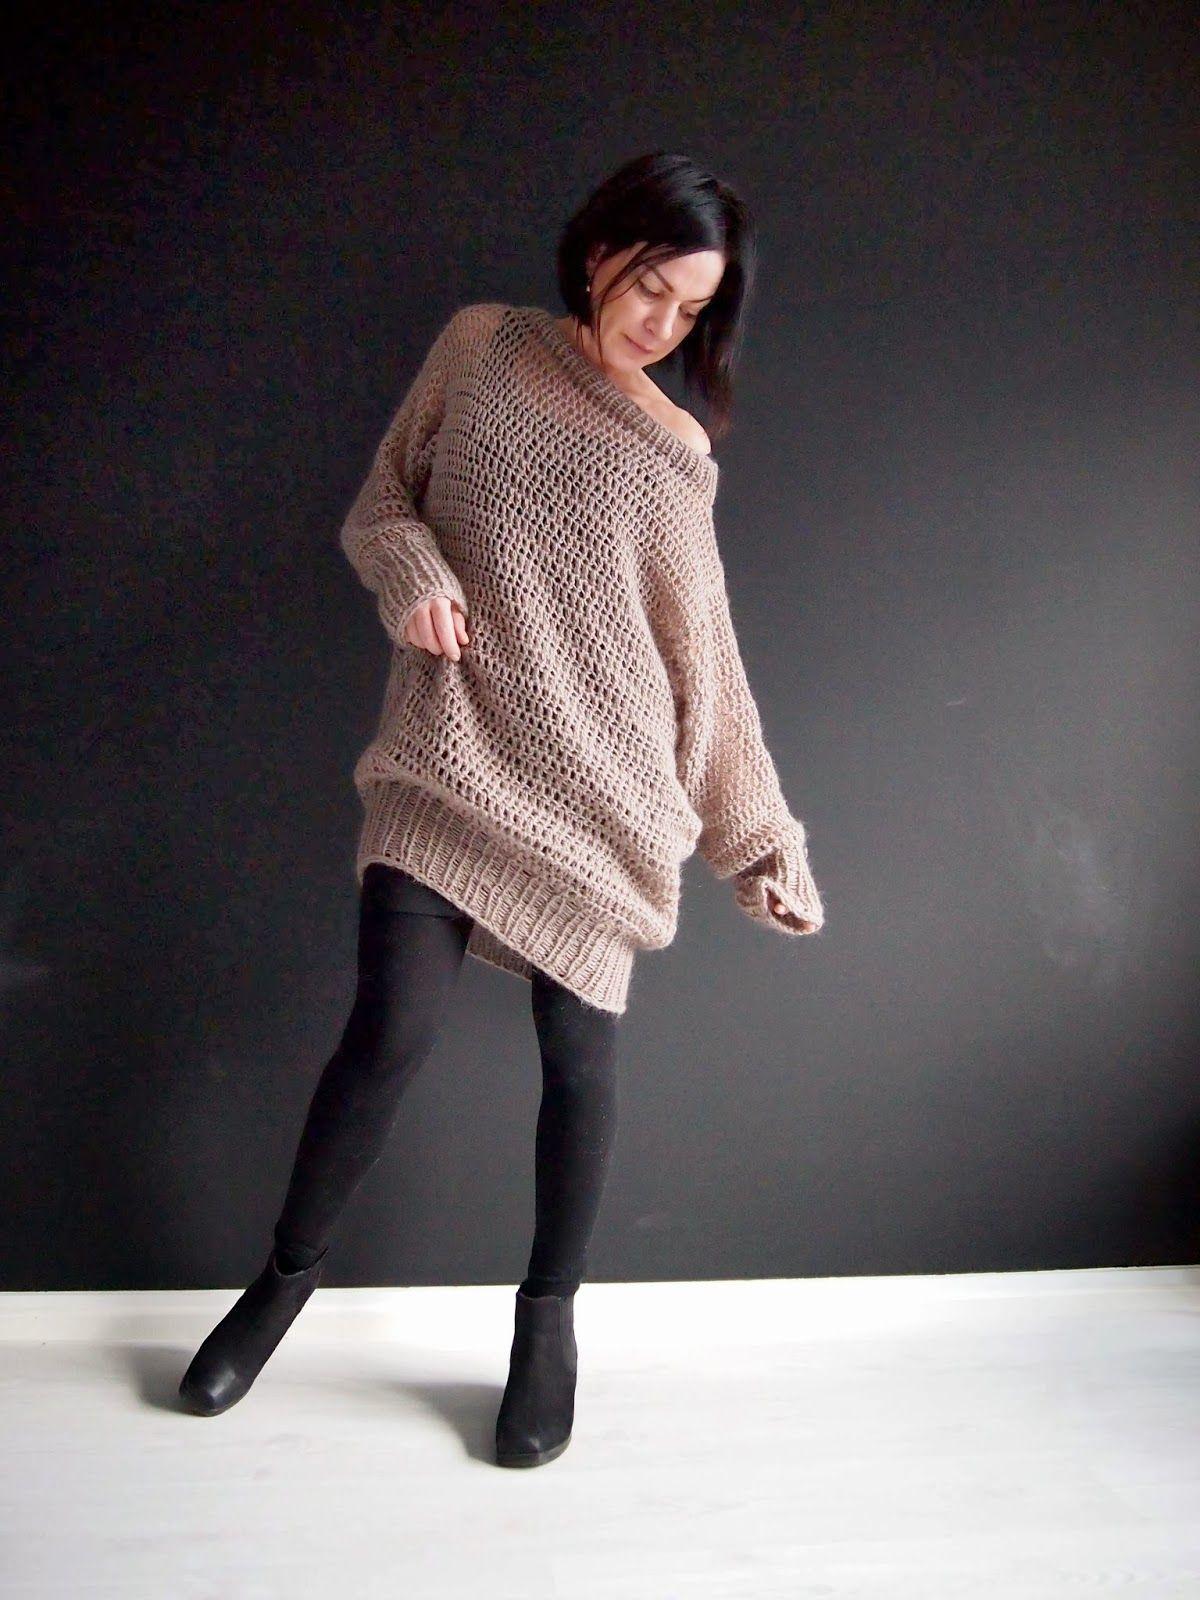 Om Koppa Mohairvillapaita Crochet Pinterest Crochet